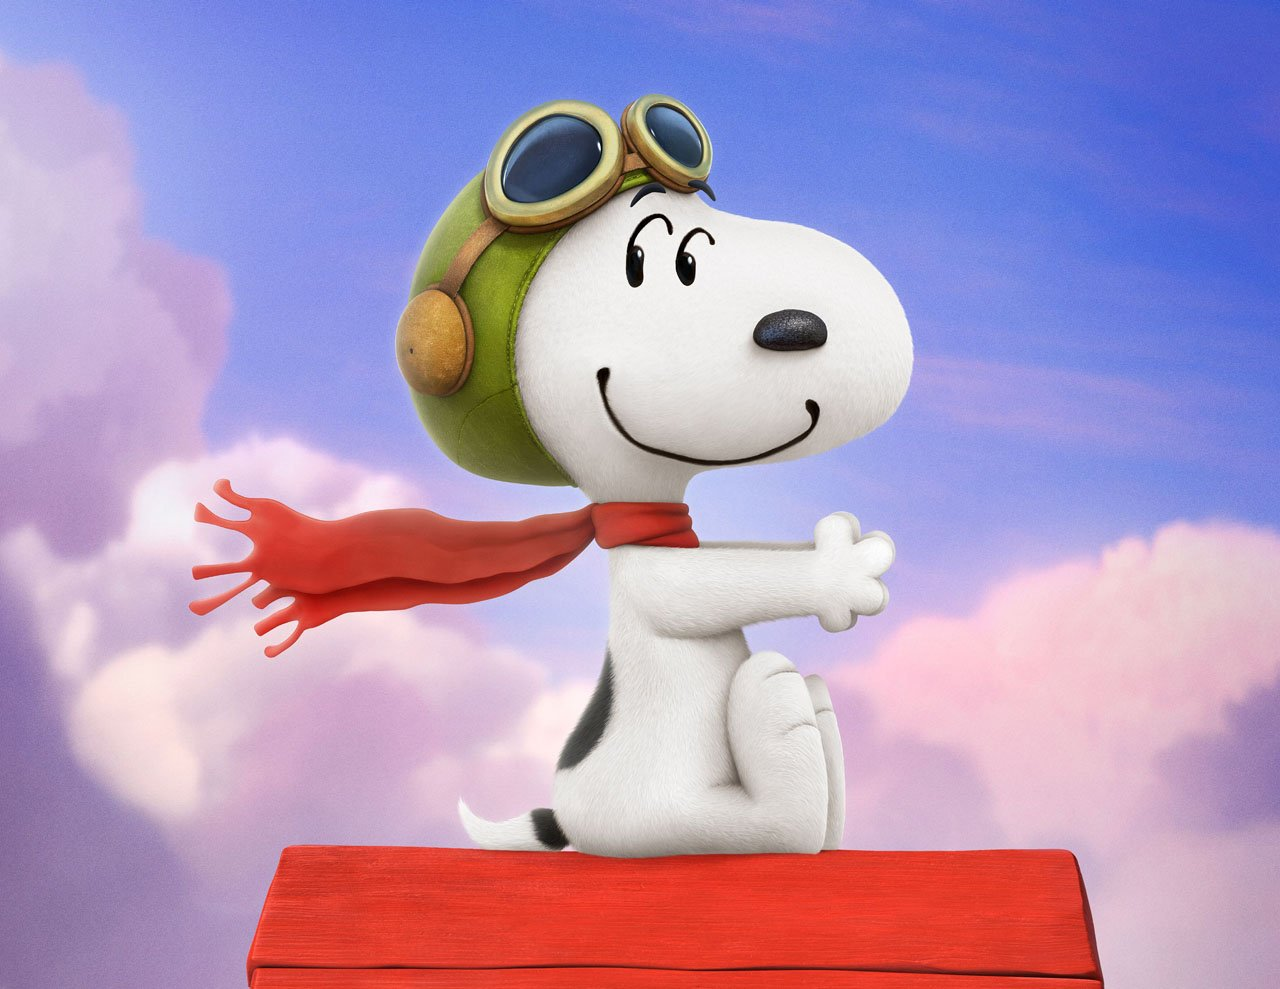 Snoopy & Friends - Il film dei Peanuts: Snoopy in un'immagine del film d'animazione